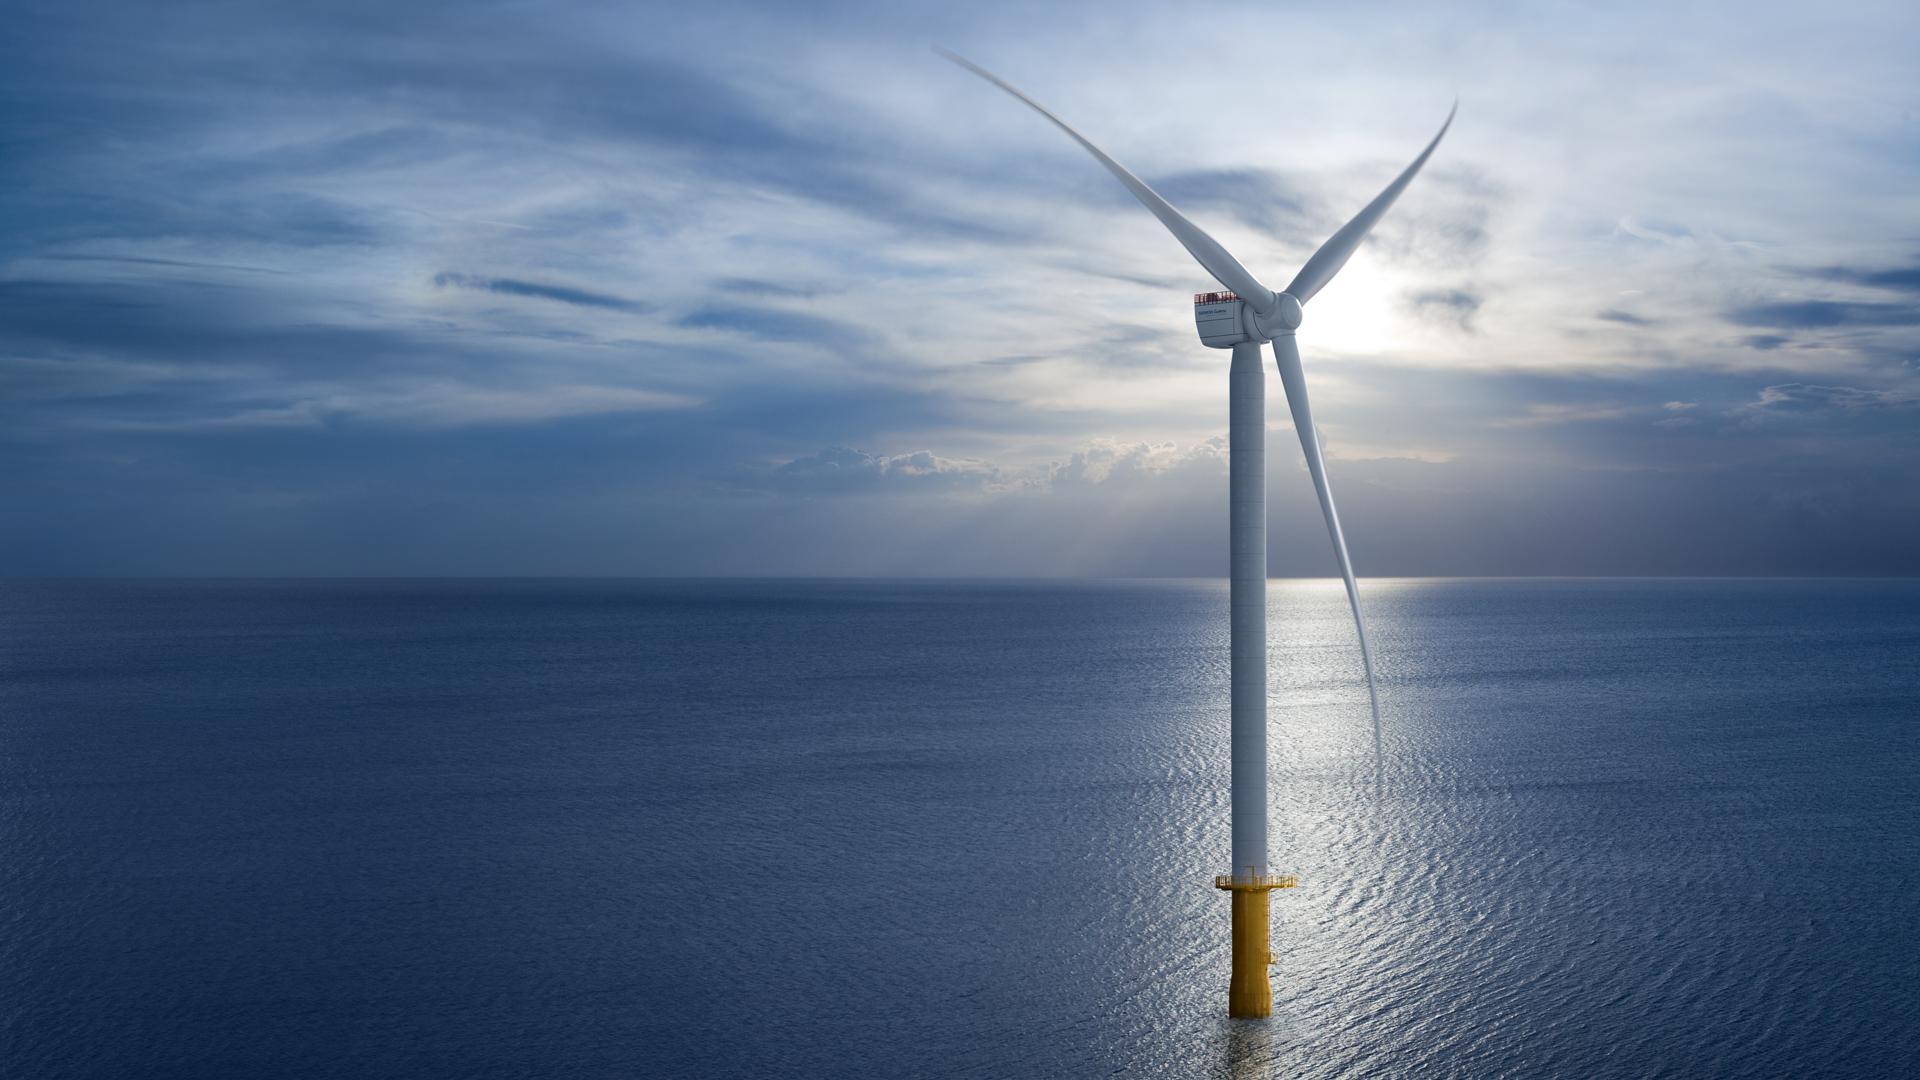 Bouw windmolenpark Hollandse Kust begint in 2021: stroom voor twee miljoen huishoudens